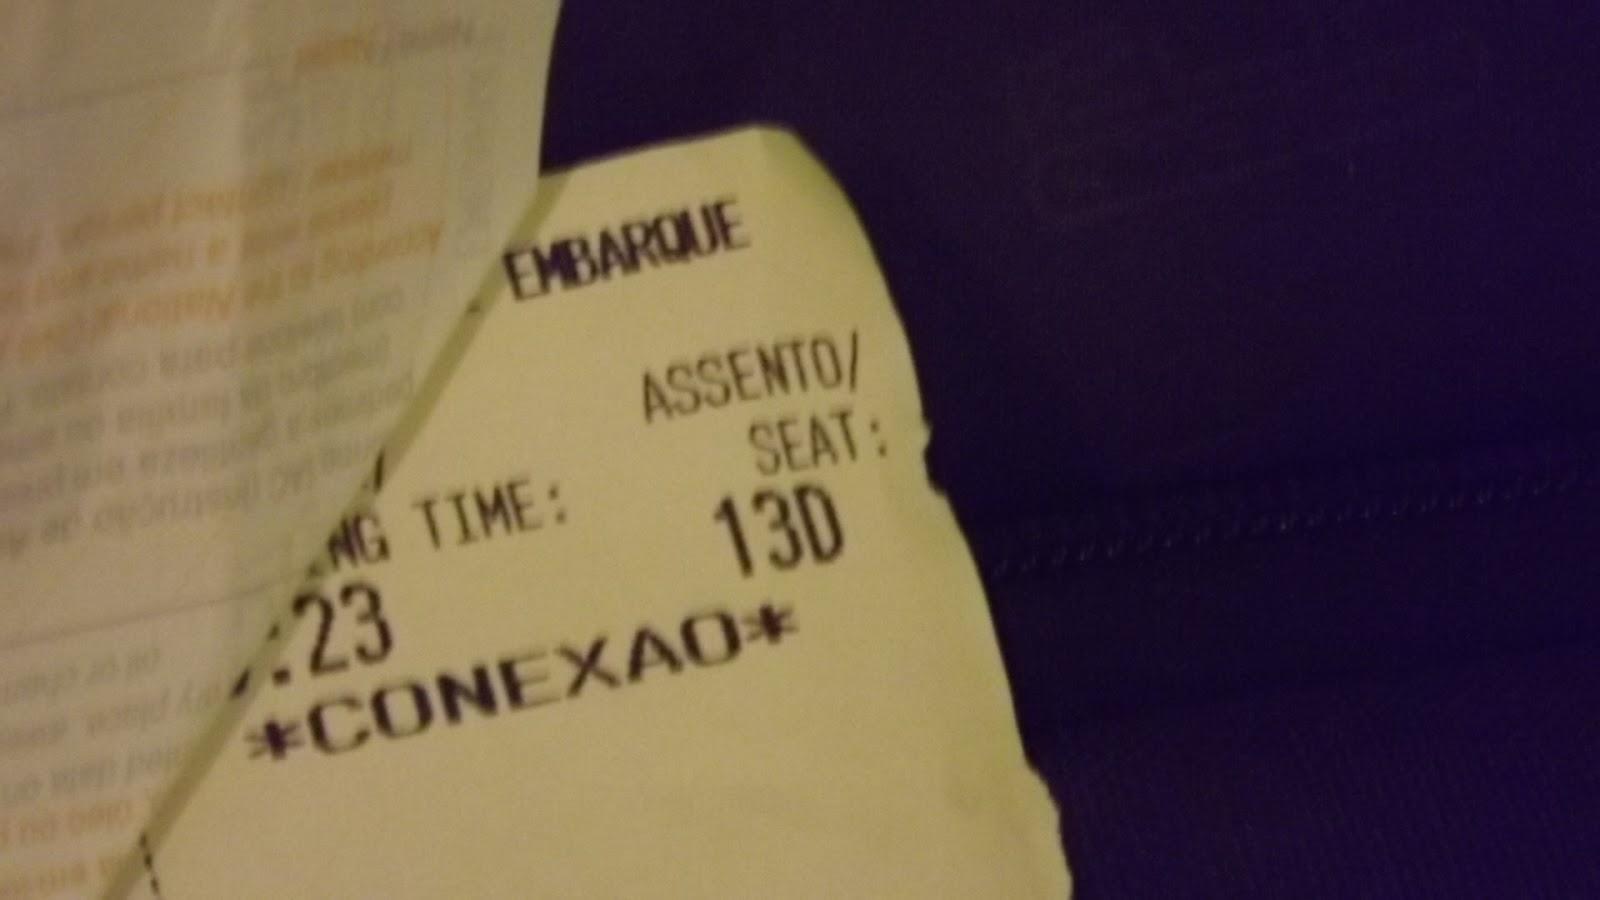 AMIPAZ MANAUS: GOL e os assentos fantasmas #180B28 1600x900 Banheiro De Avião Da Gol